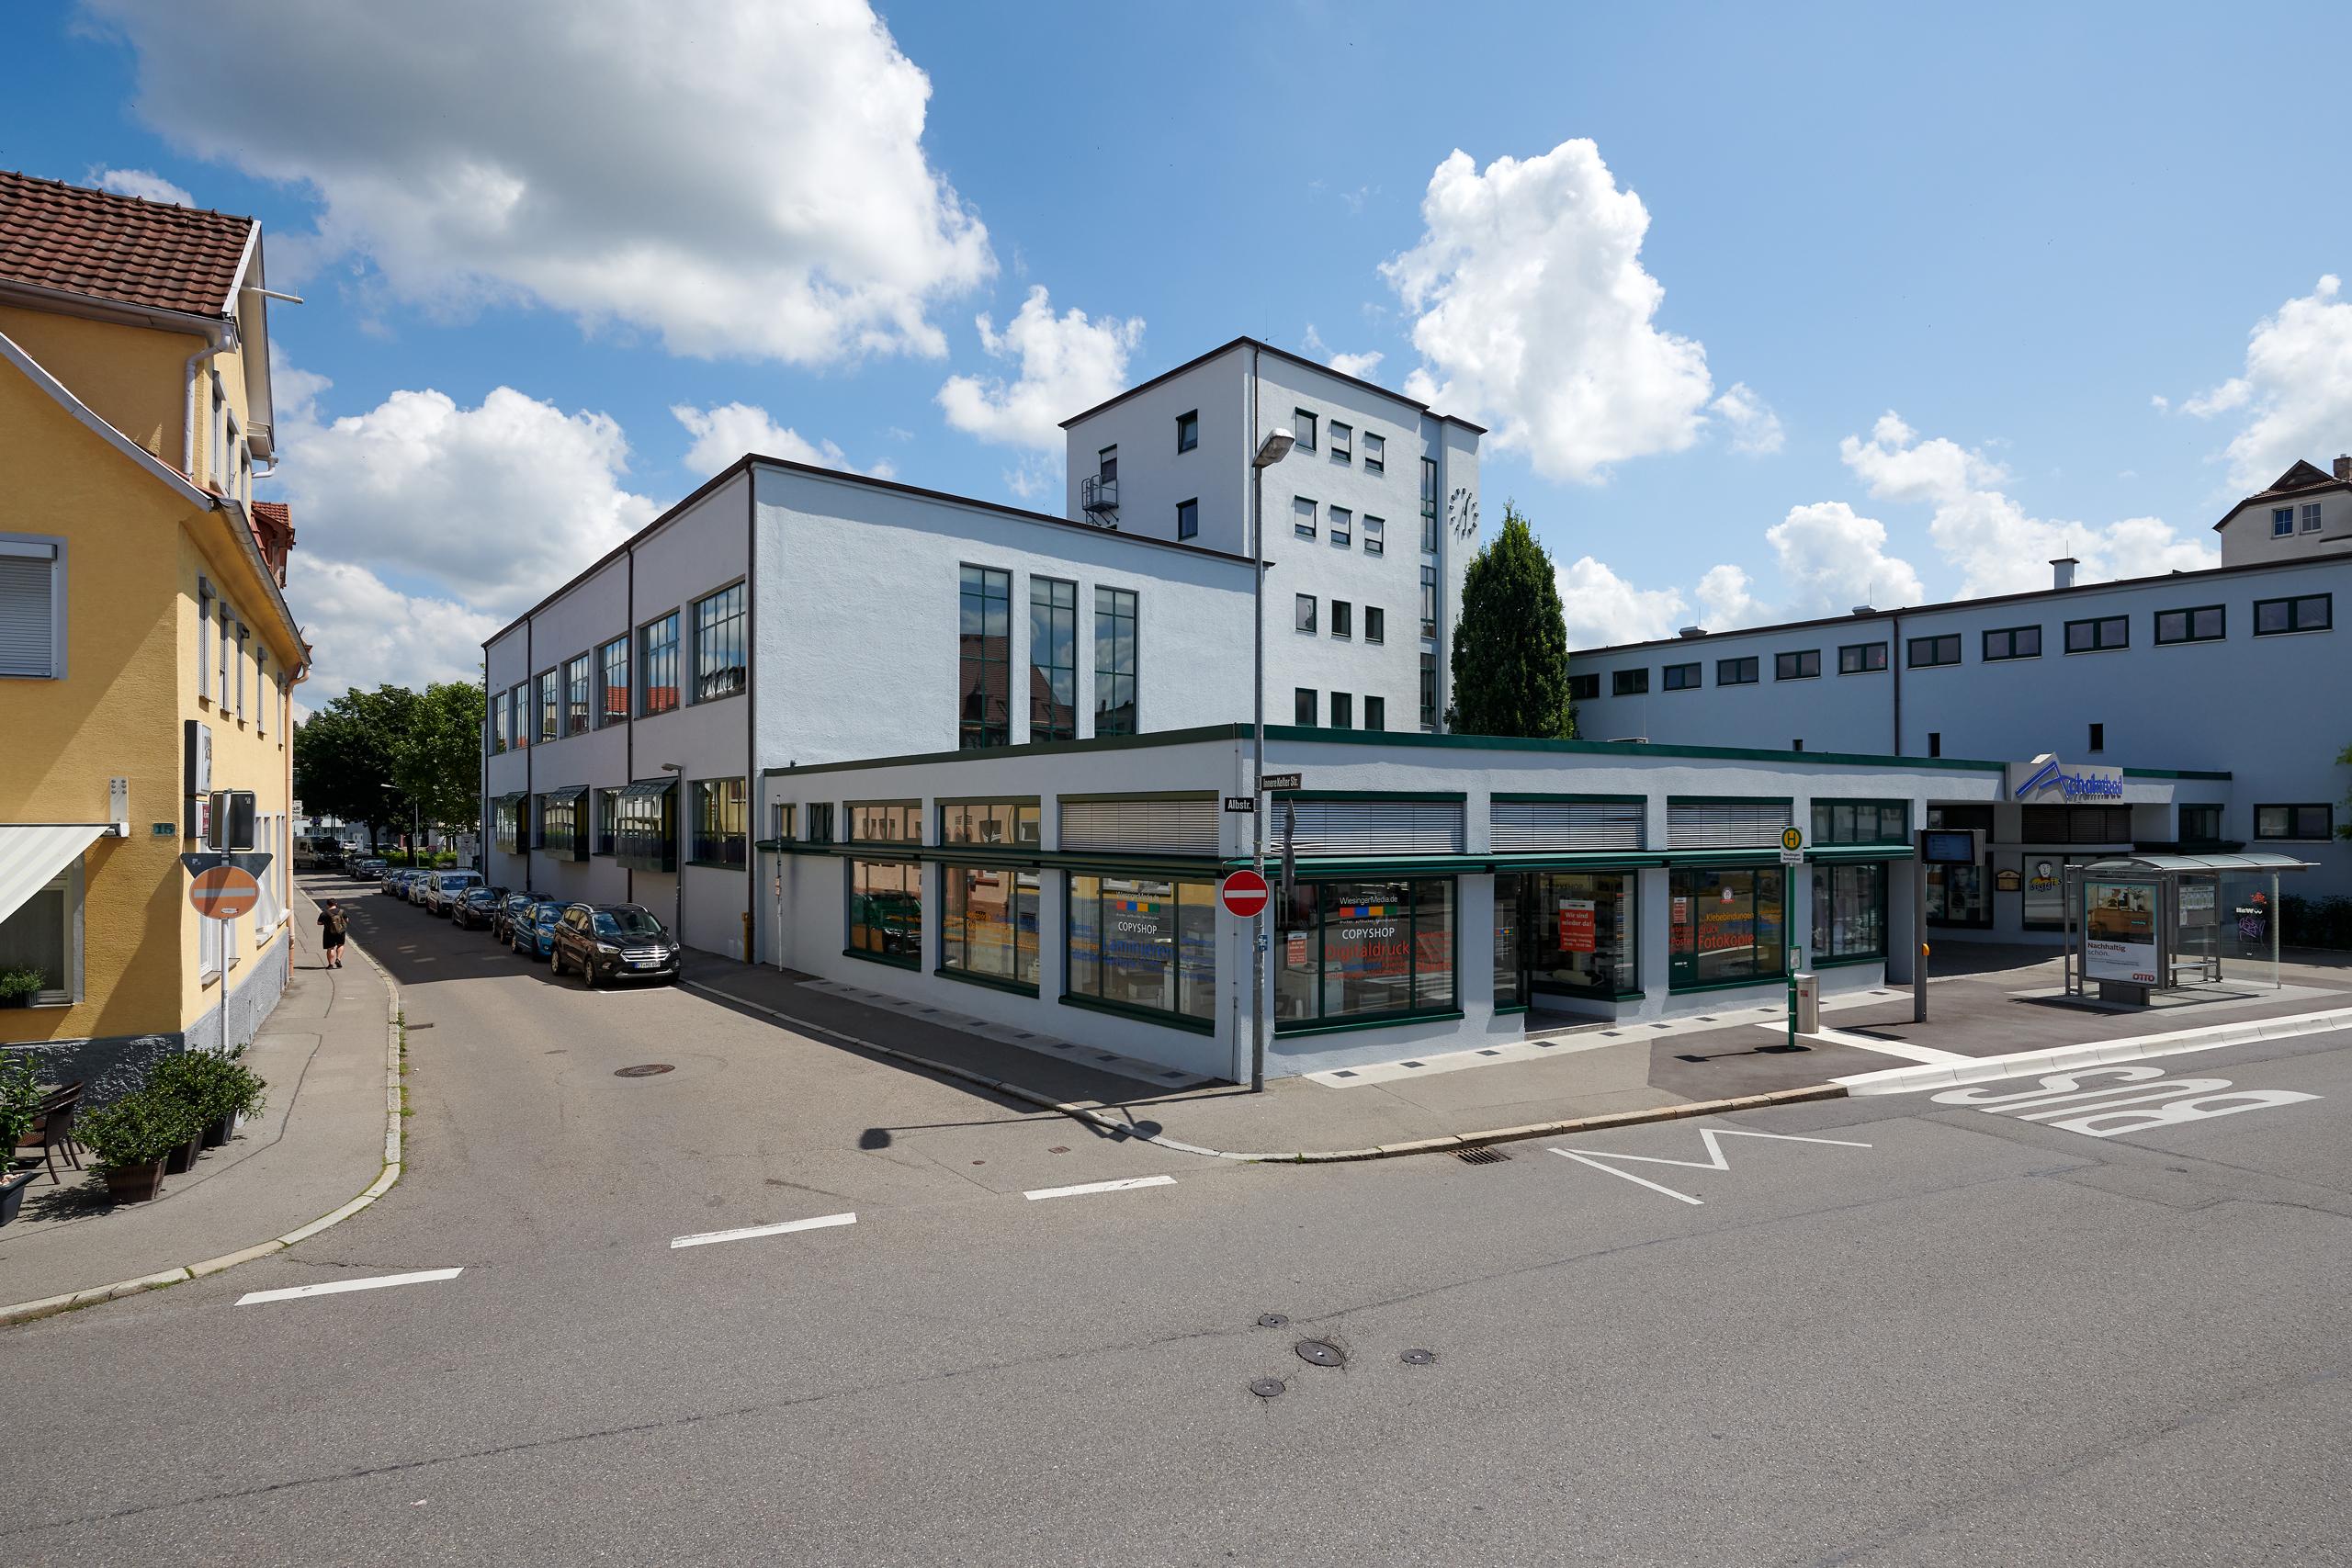 2021+Achalmbad+Reutlingen+063_web